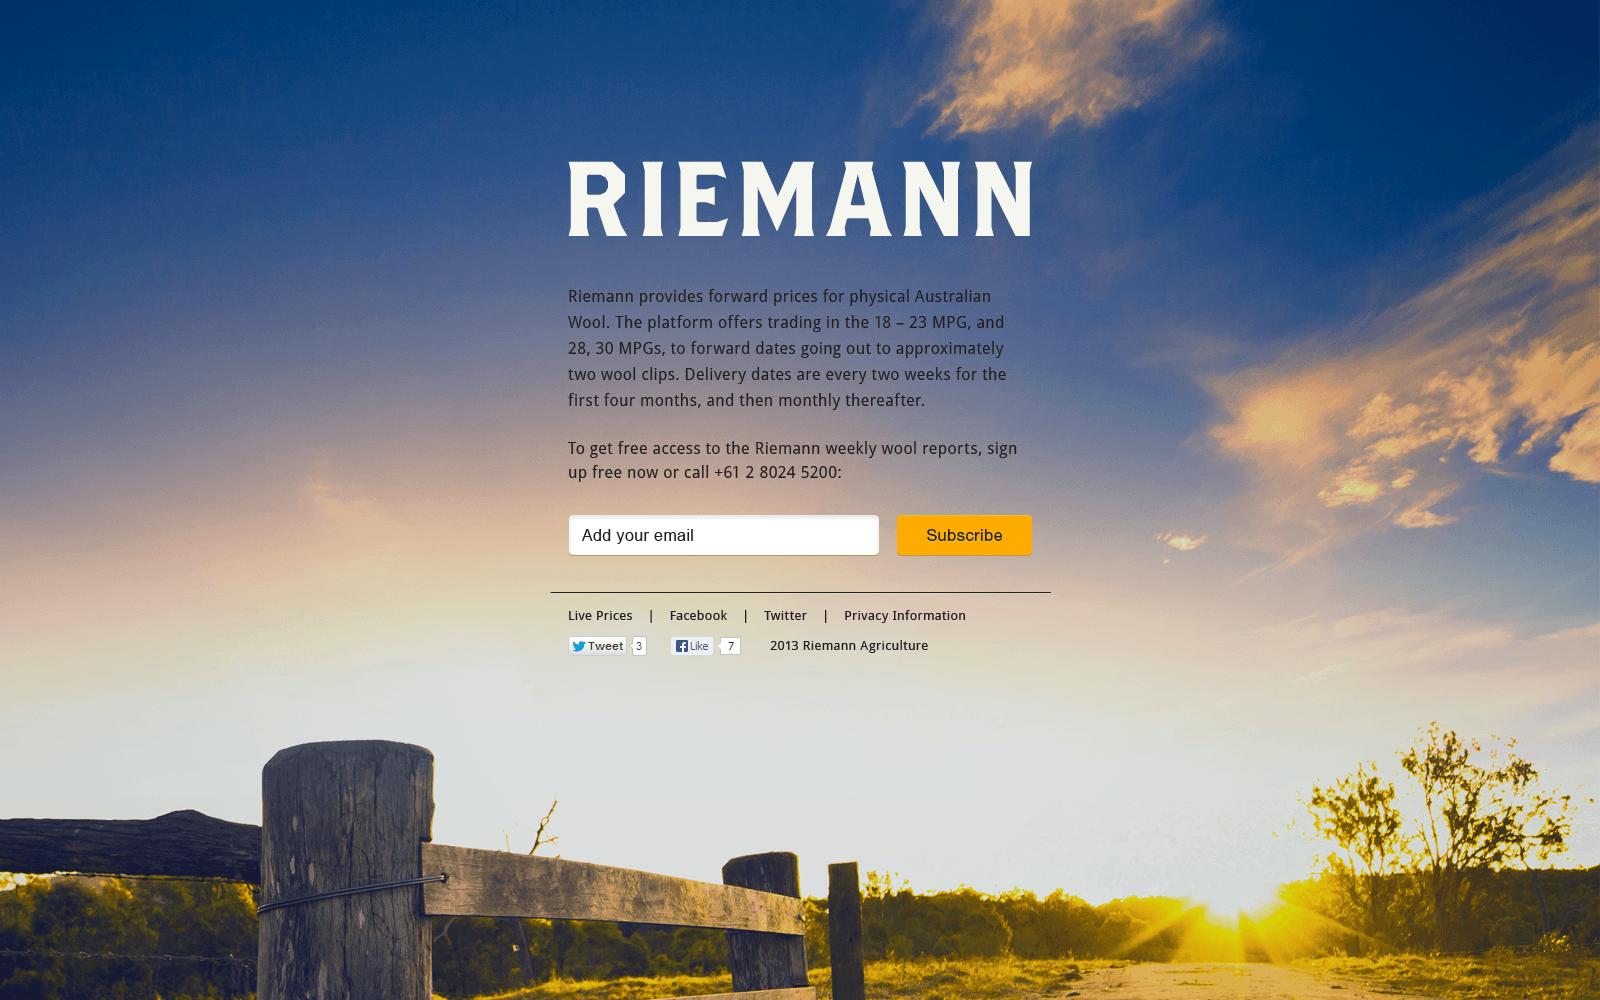 Riemannweblarge